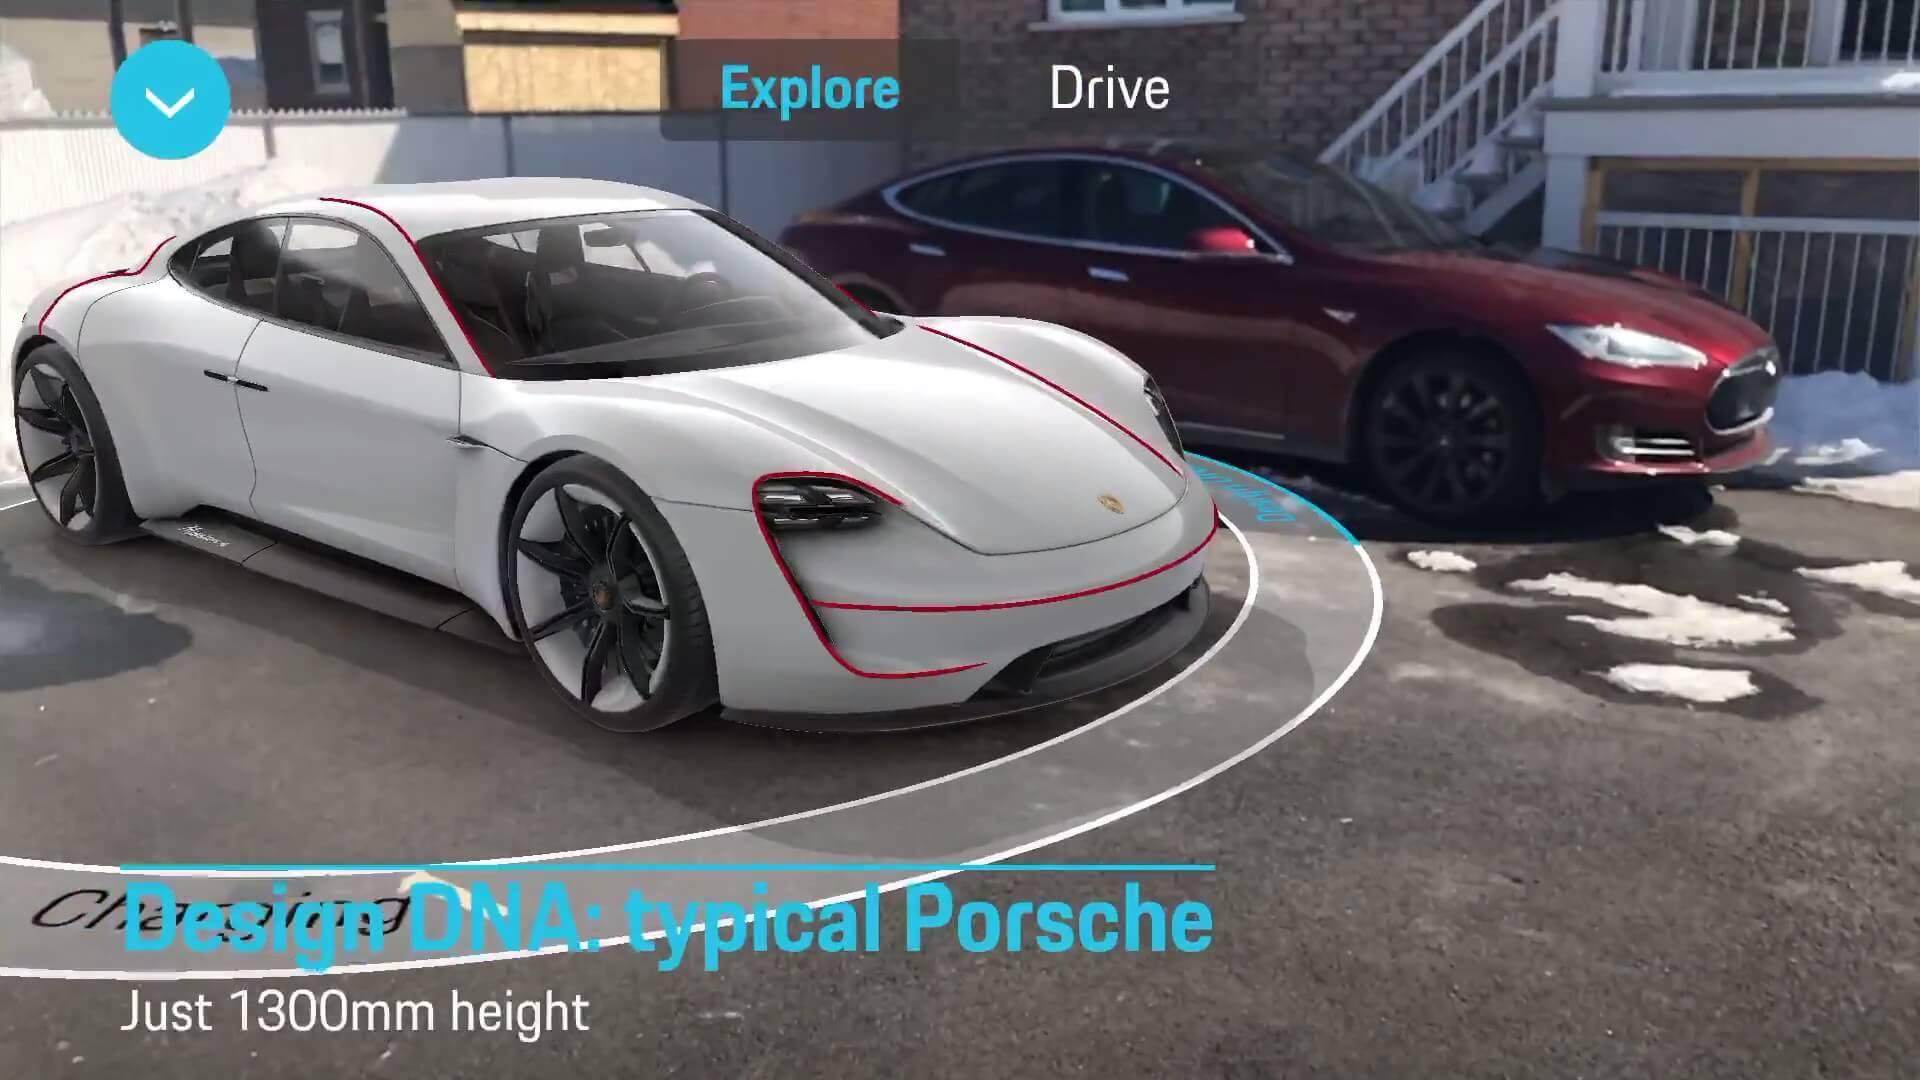 Сравнение Porsche Mission E и Tesla Model S в приложении